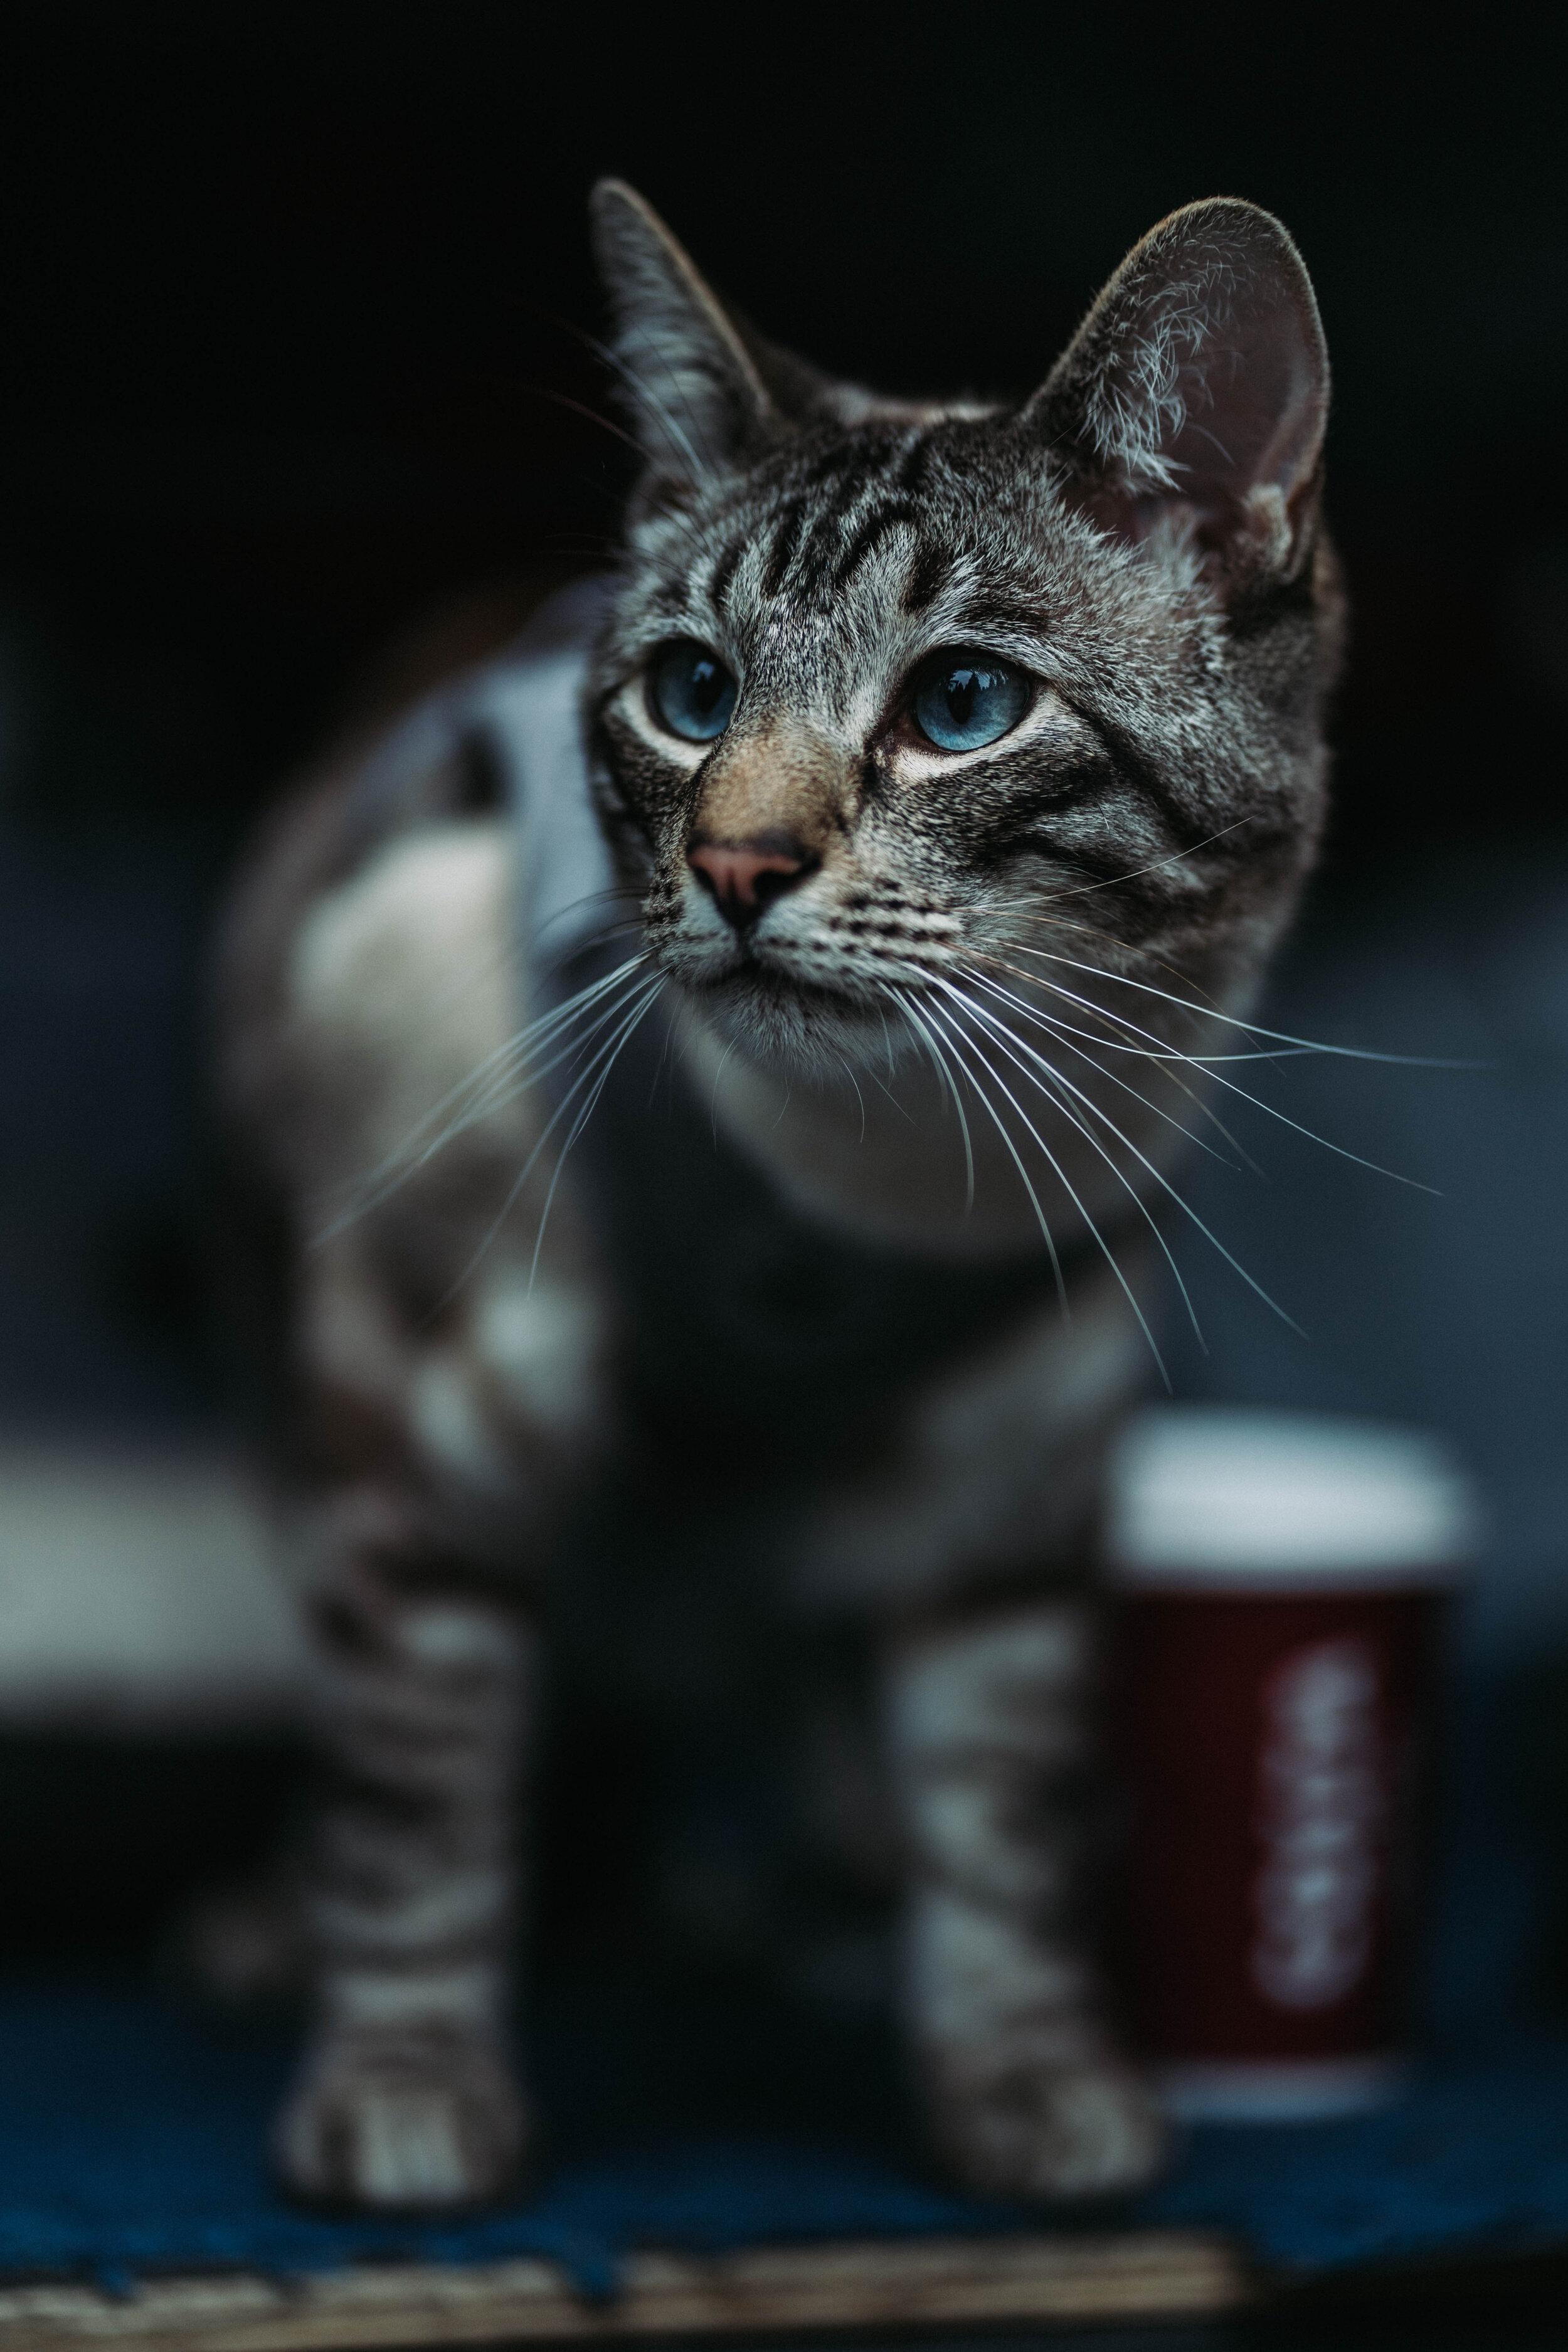 Raga cat